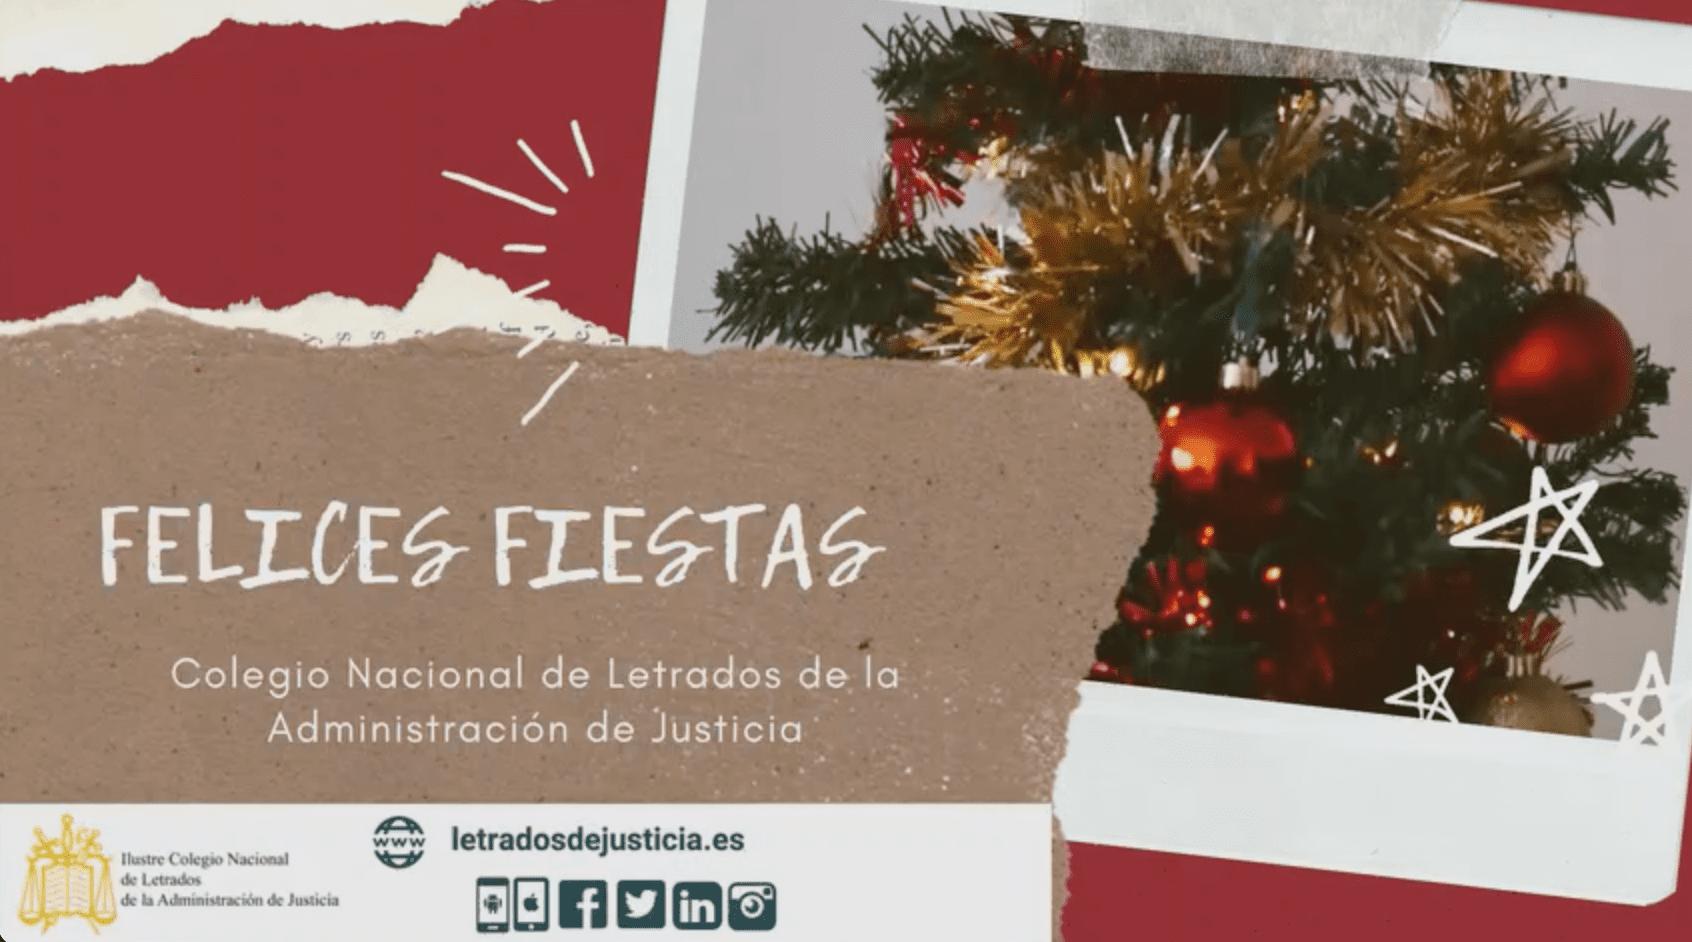 El Colegio Nacional de Letrados de la Administración de Justicia os desea Felices Fiestas